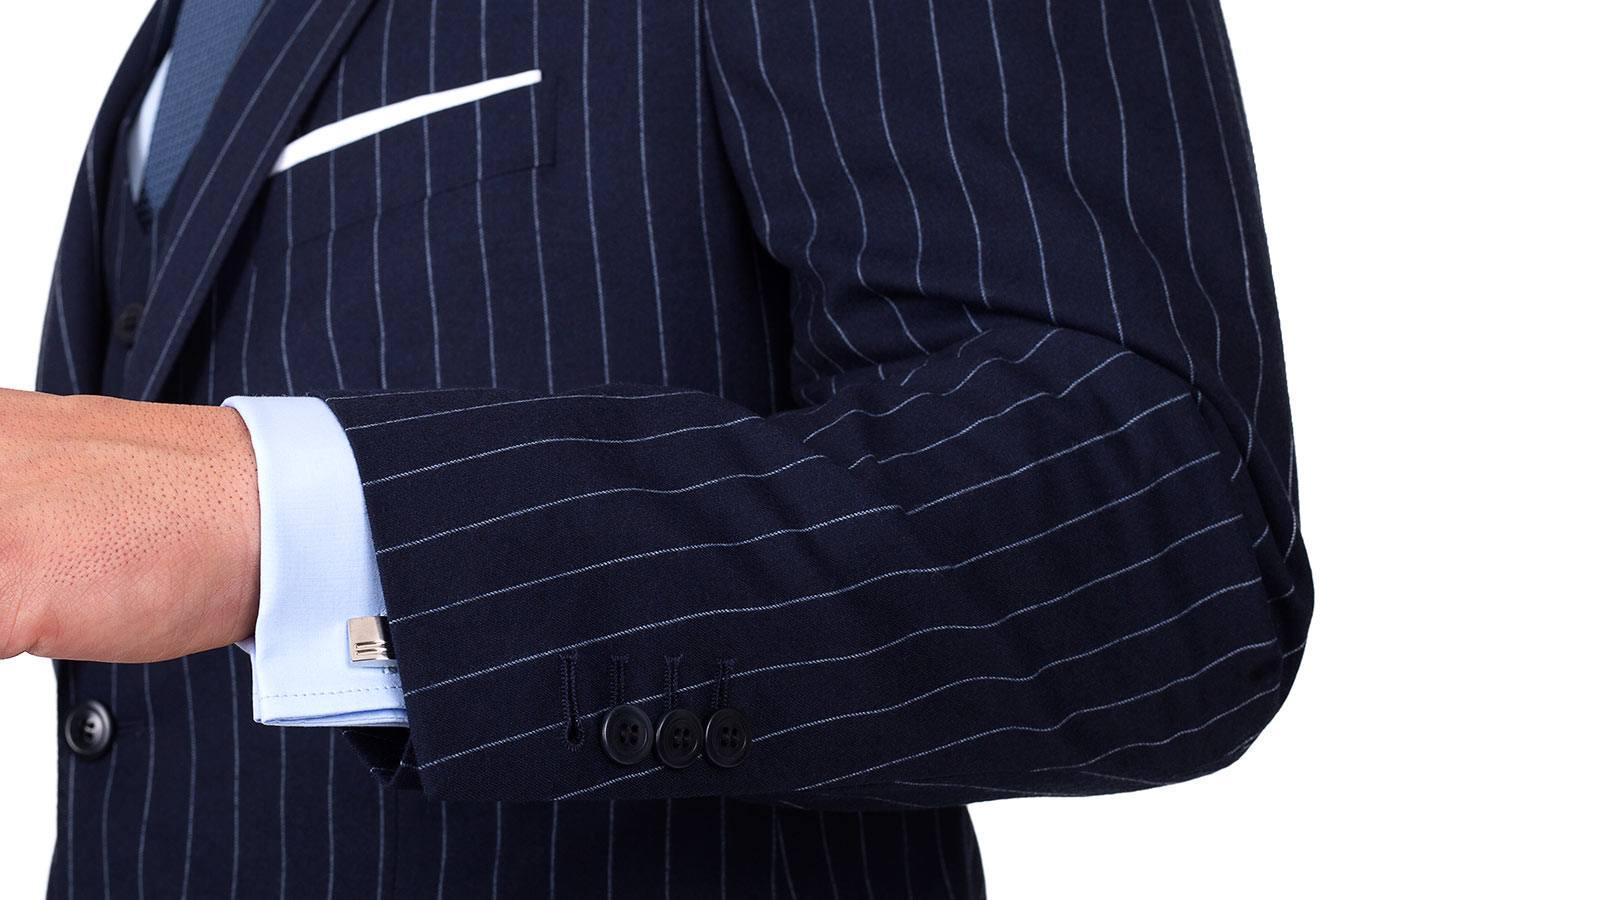 Navy Chalk Stripe 3 Piece Suit - slider image 1